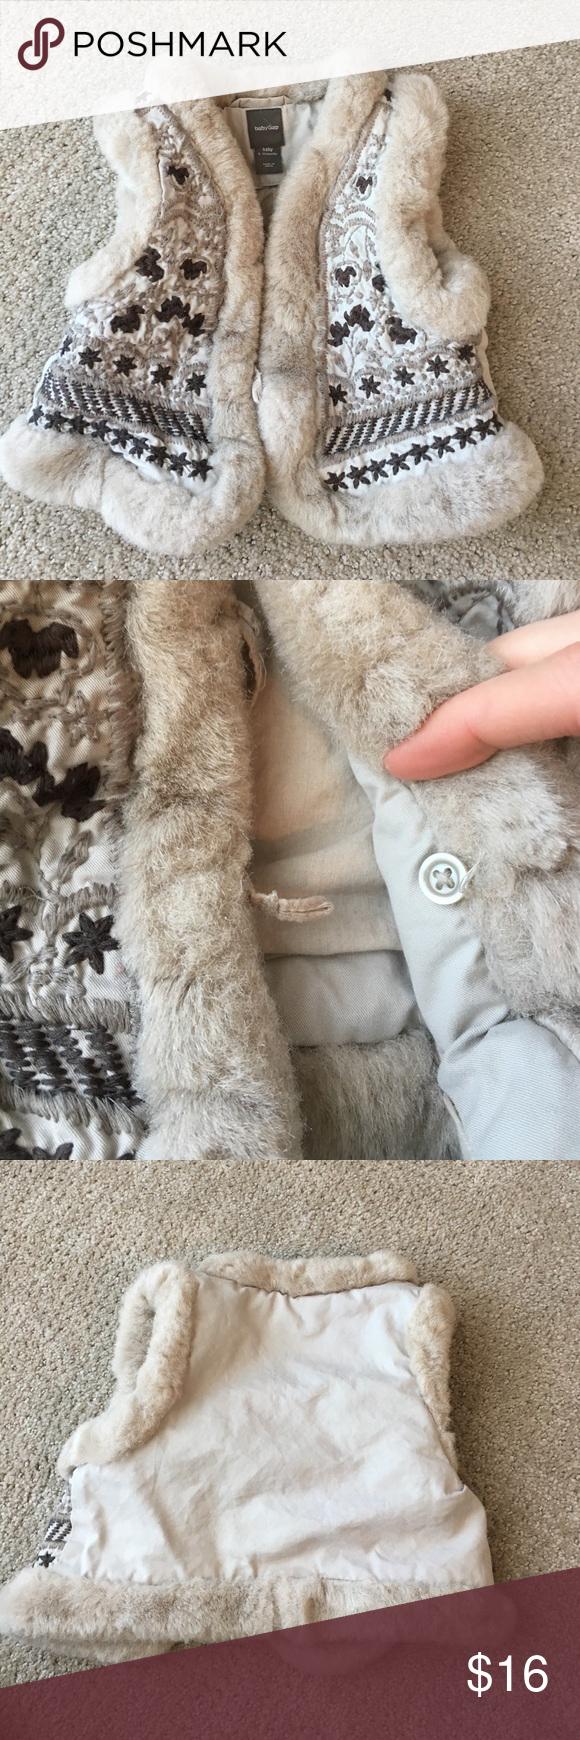 213c8e76665 Baby gap faux fur vest Super cute and cozy! Faux fur trimmed vest ...